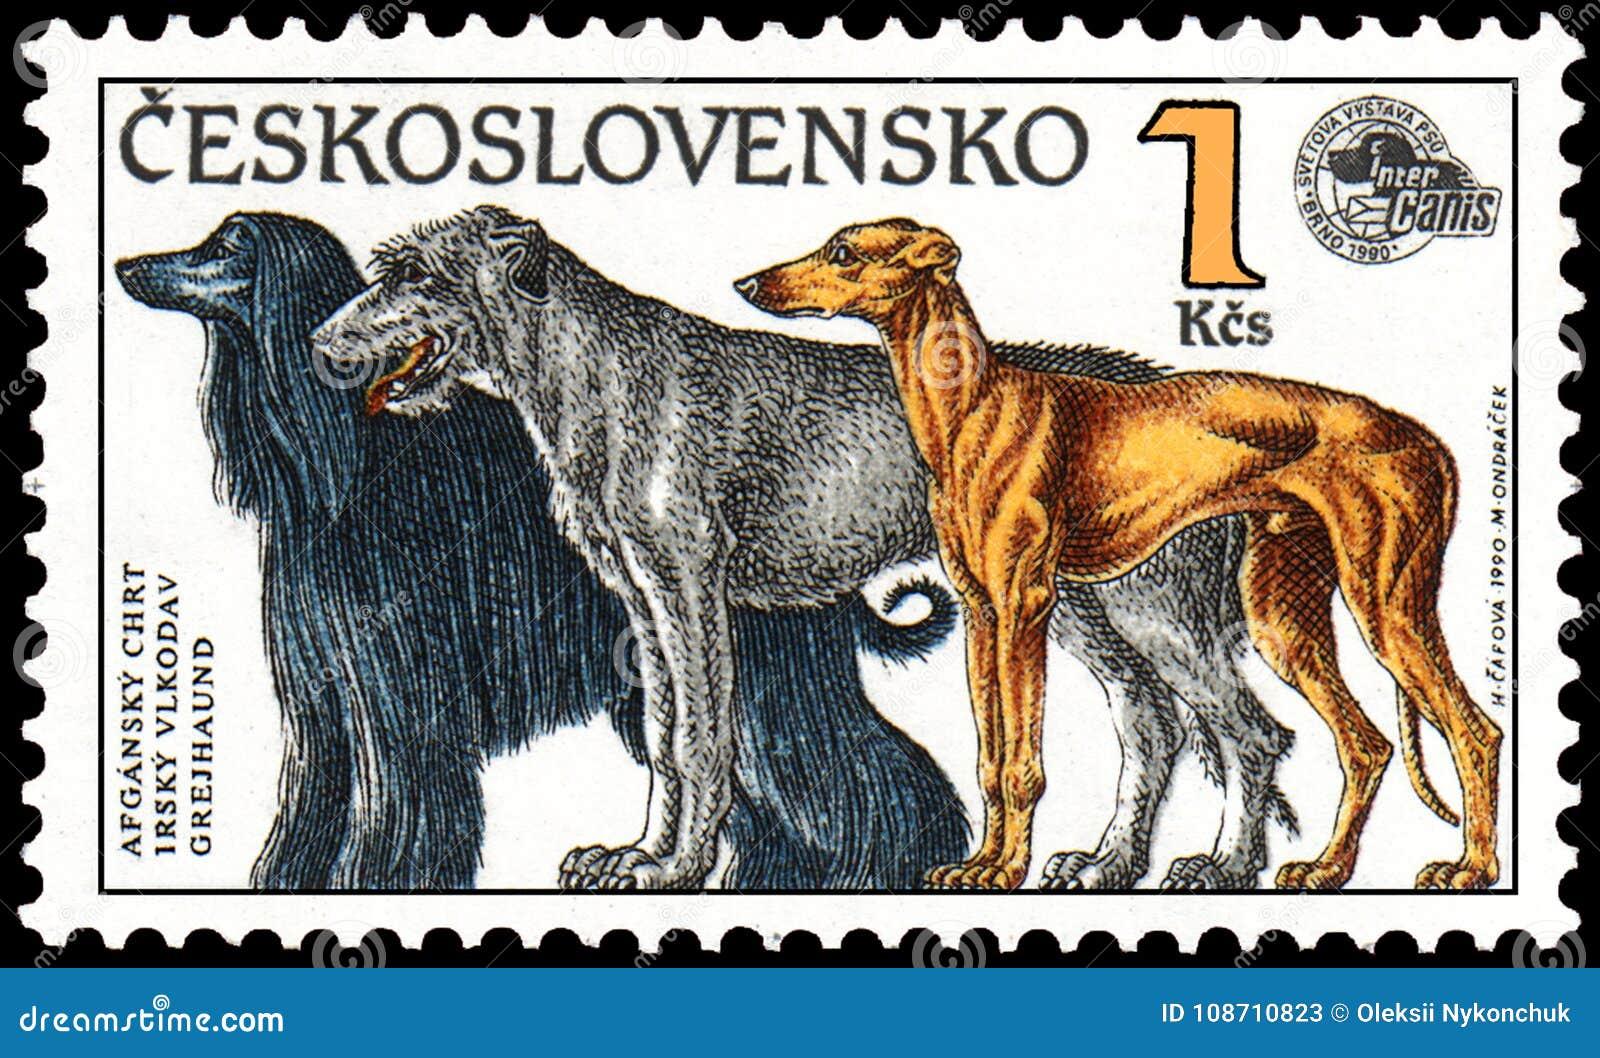 TSJECHO-SLOWAKIJE - CIRCA 1990: zegel, in Tsjecho-Slowakije wordt de gedrukt, toont een Afghaanse Hond, Ierse Wolfshond, Windhond